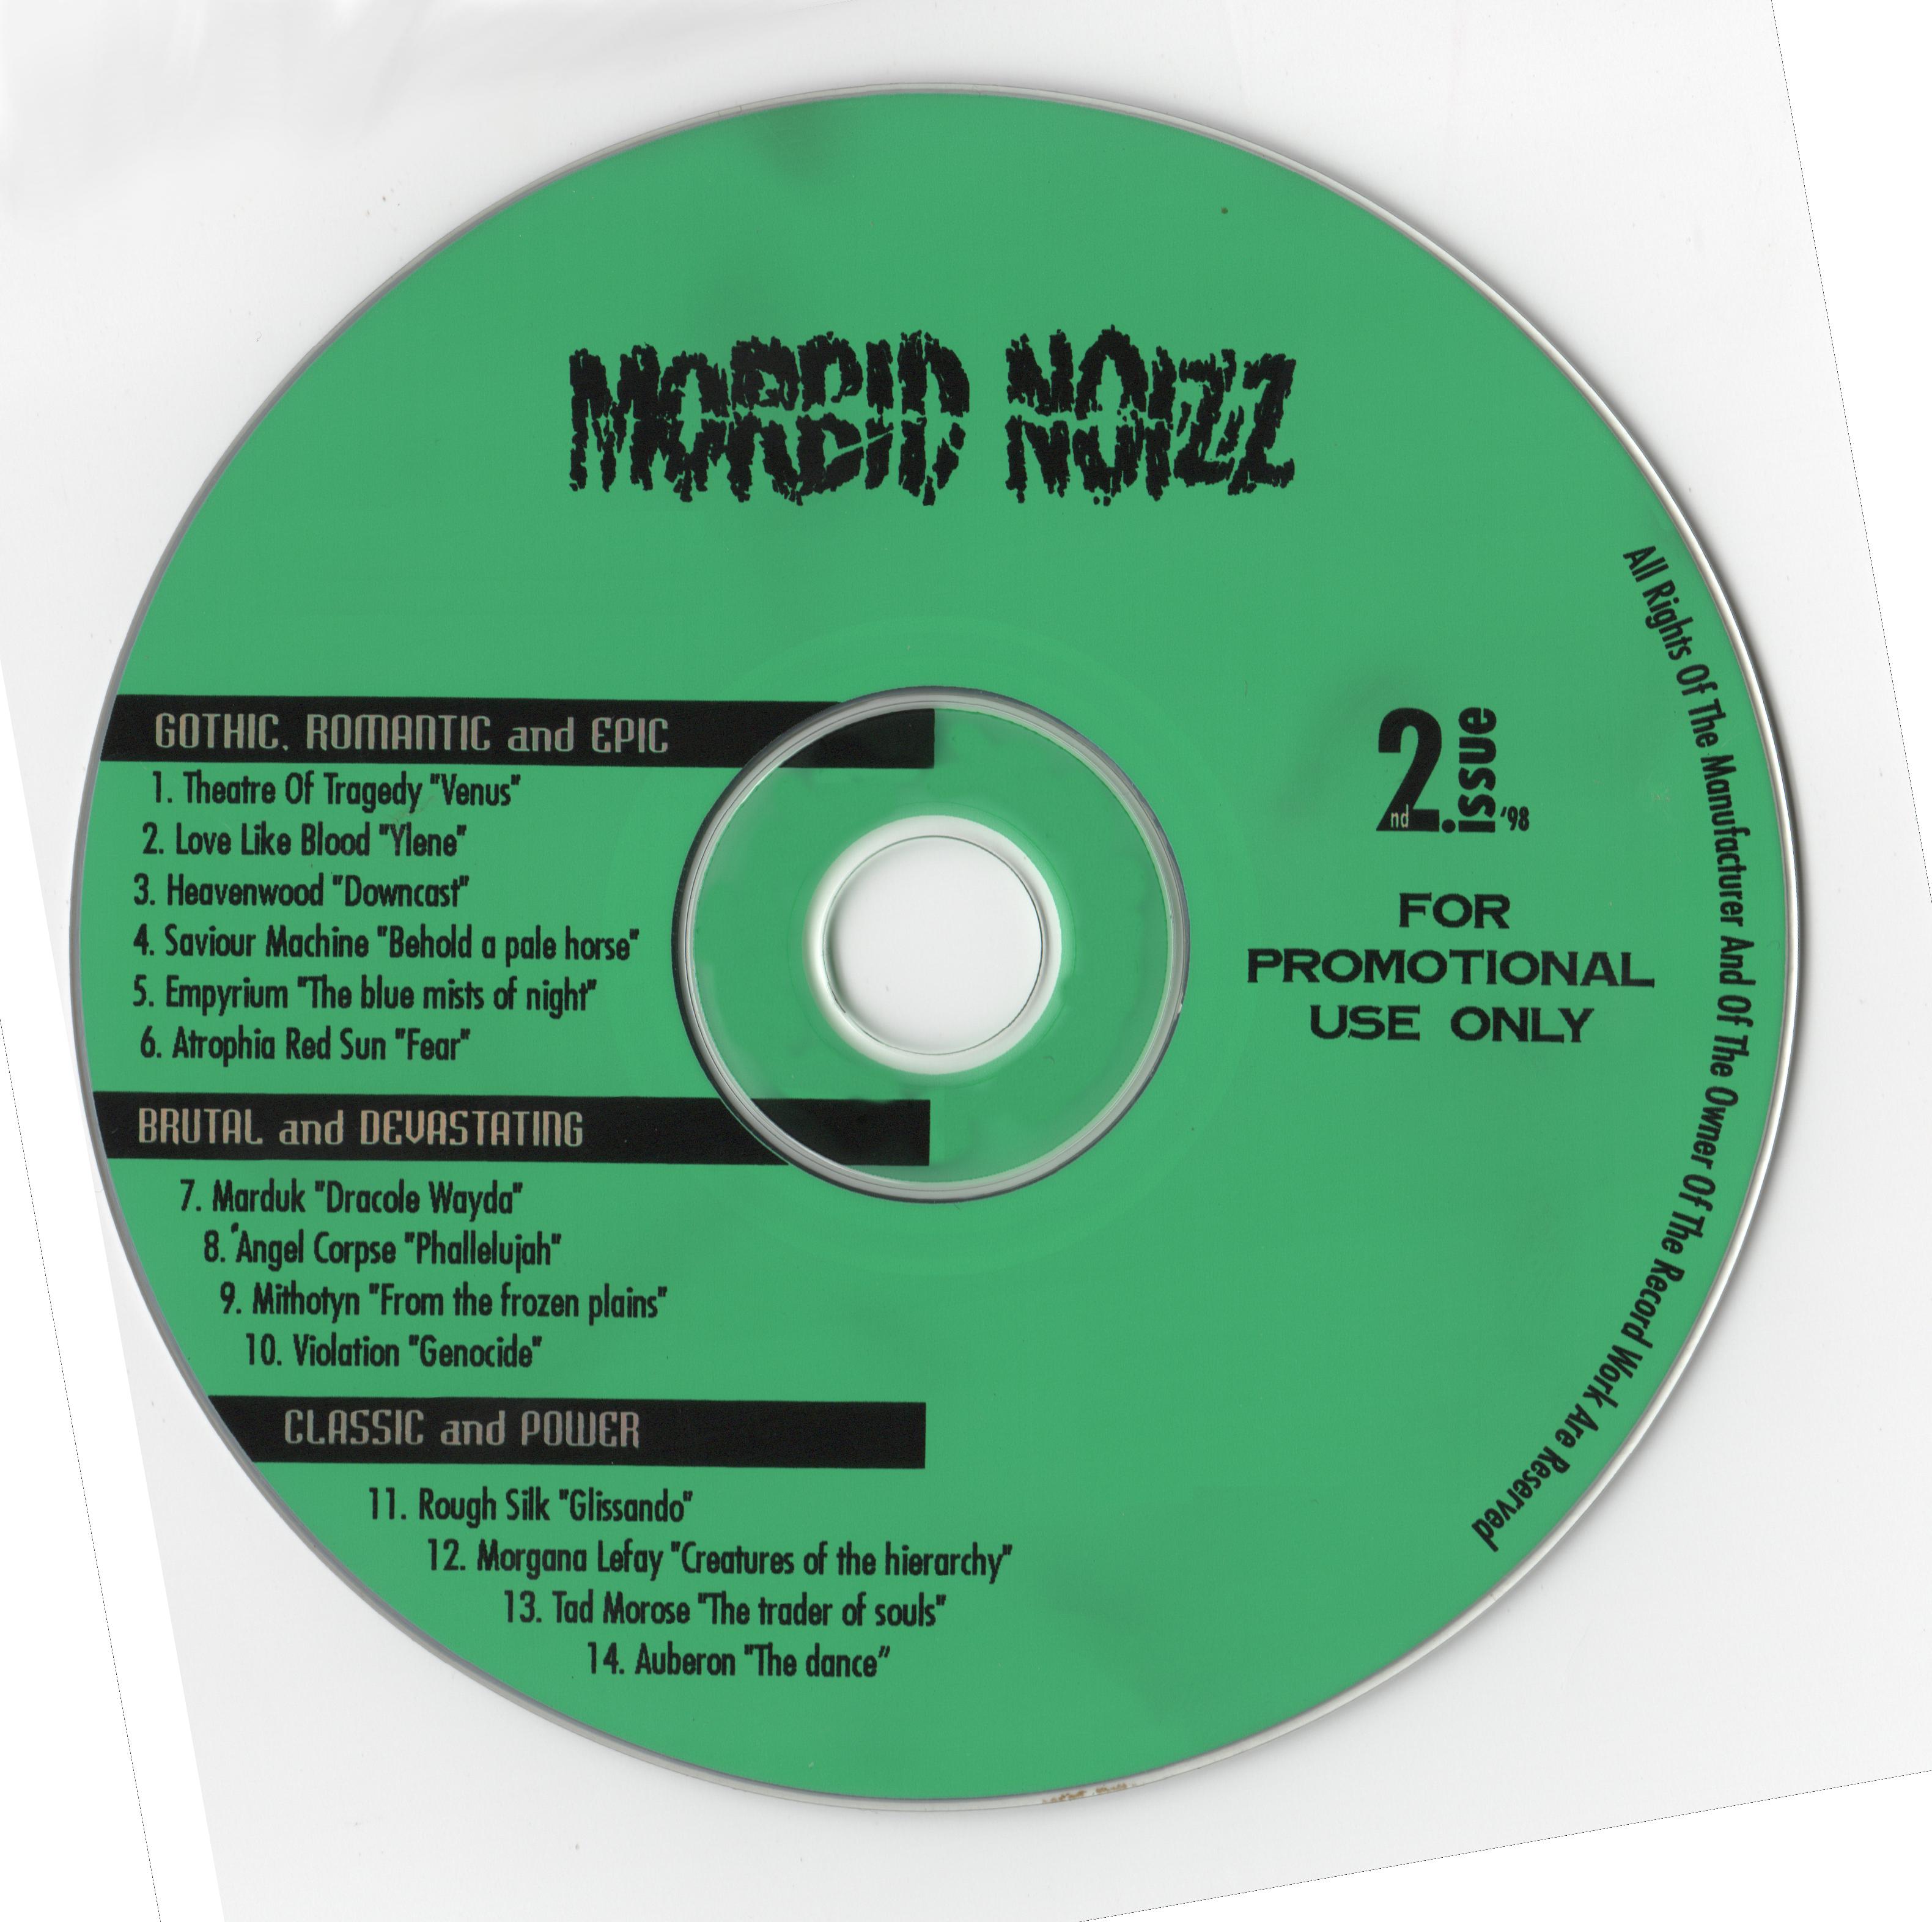 Skład – Norbid Noizz 2 Issue'98